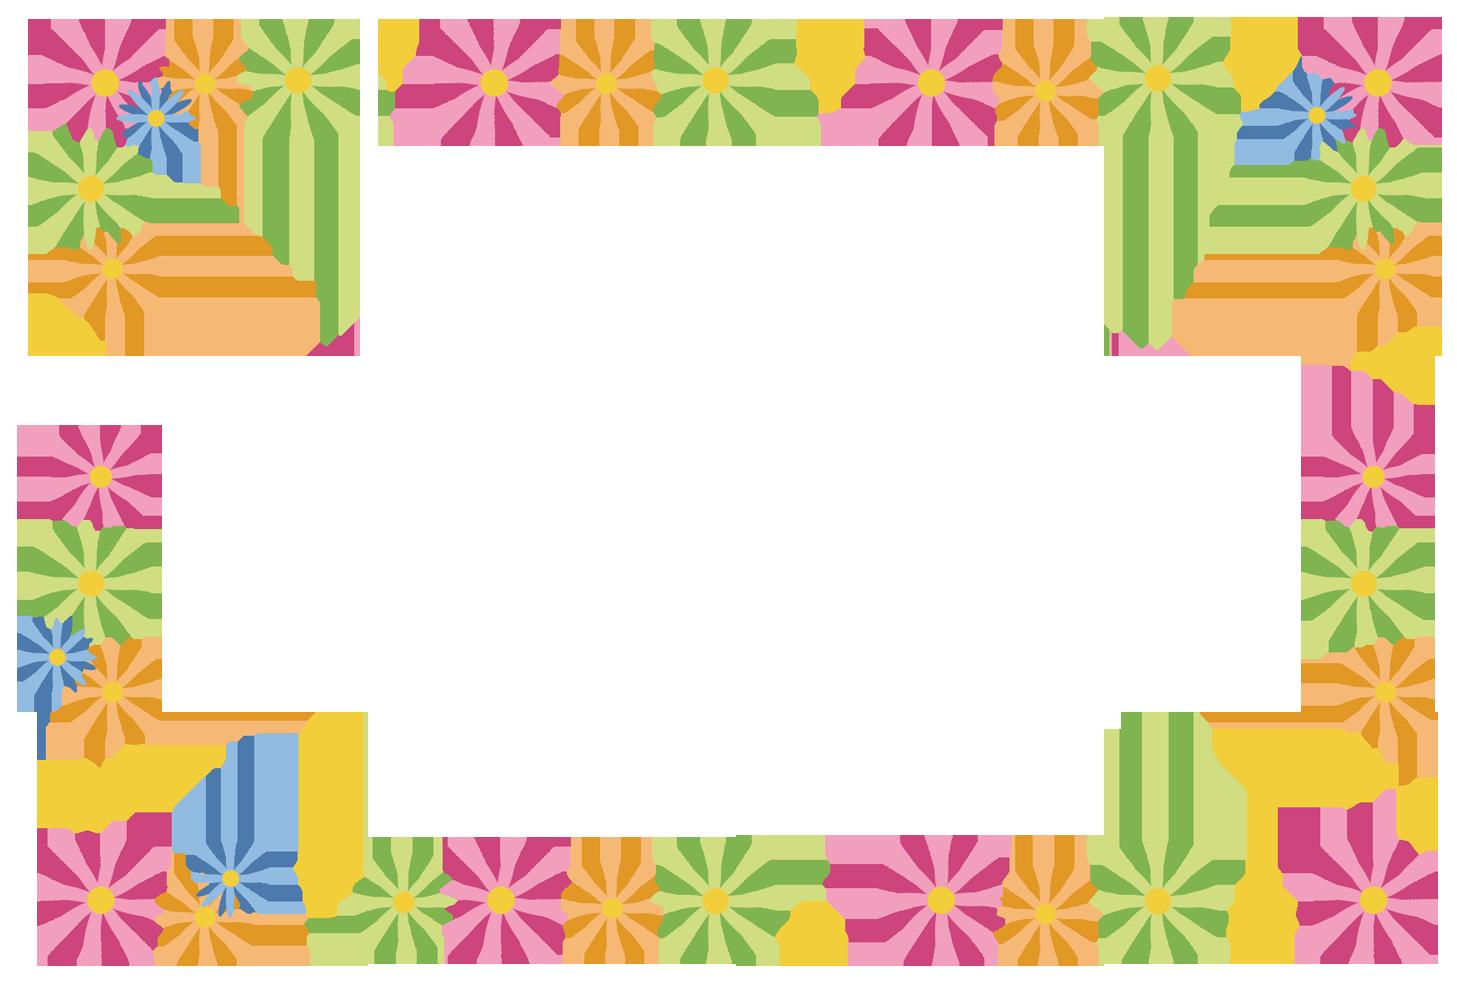 花フレームのイラスト一覧 無料イラスト愛